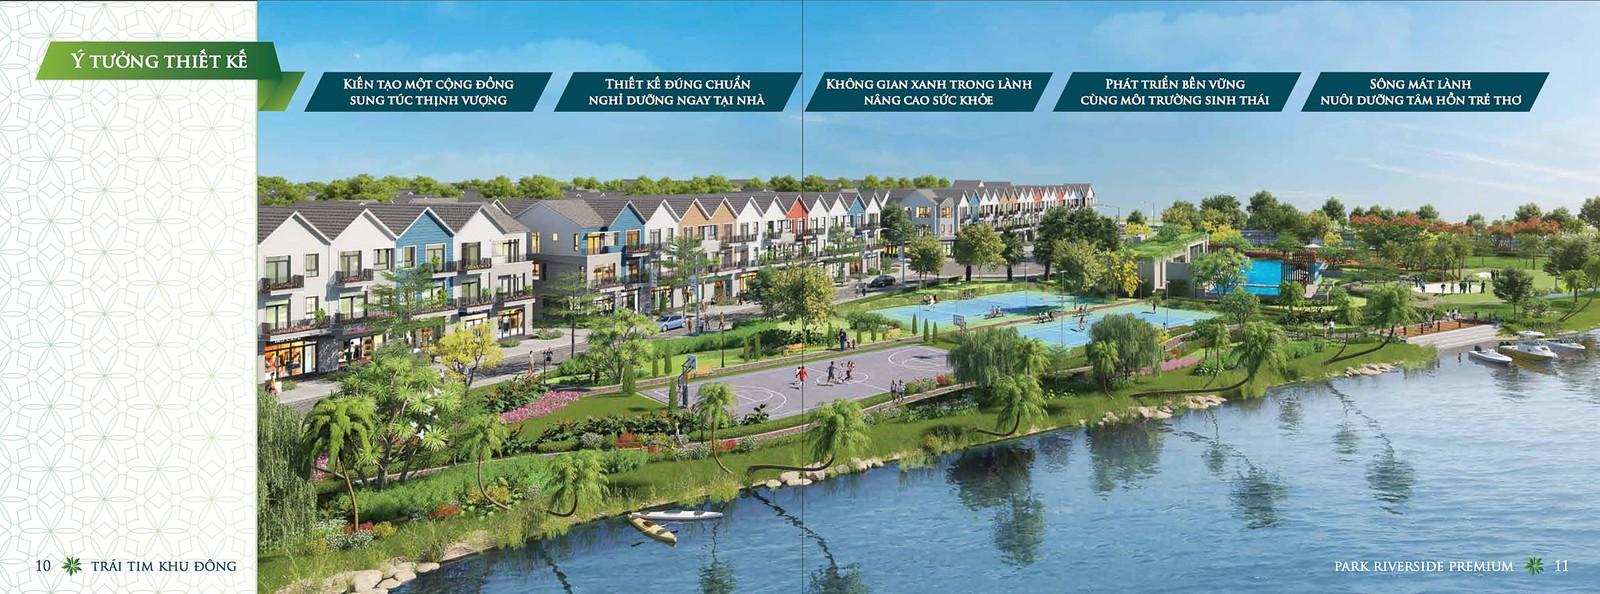 Park Riverside Premium - Sống an nhiên tại Venice quận 9 2